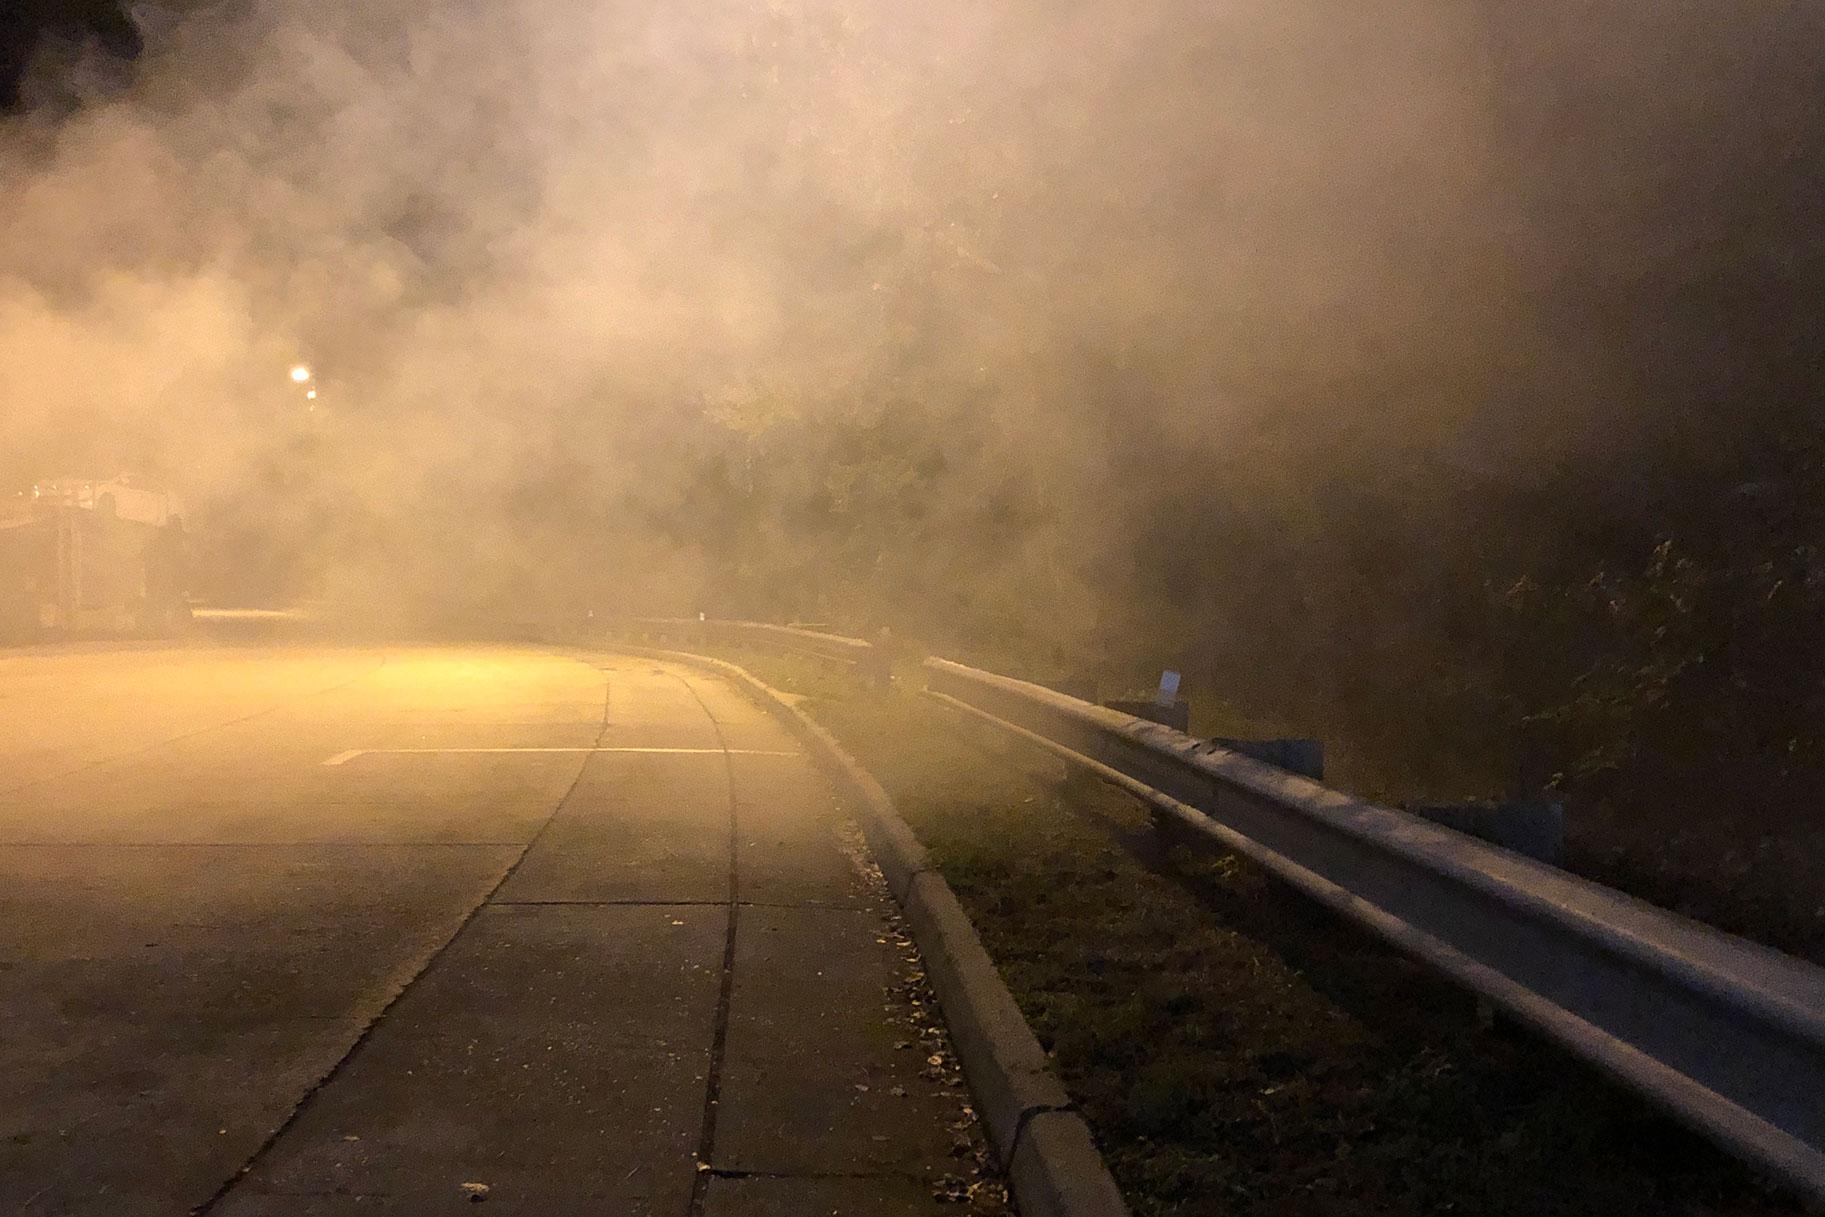 'הסיוט הגרוע ביותר של כל אישה': הרוצח הסדרתי גוזל את הכביש המהיר דלאוור ומפיל את קורבנותיו להנאה